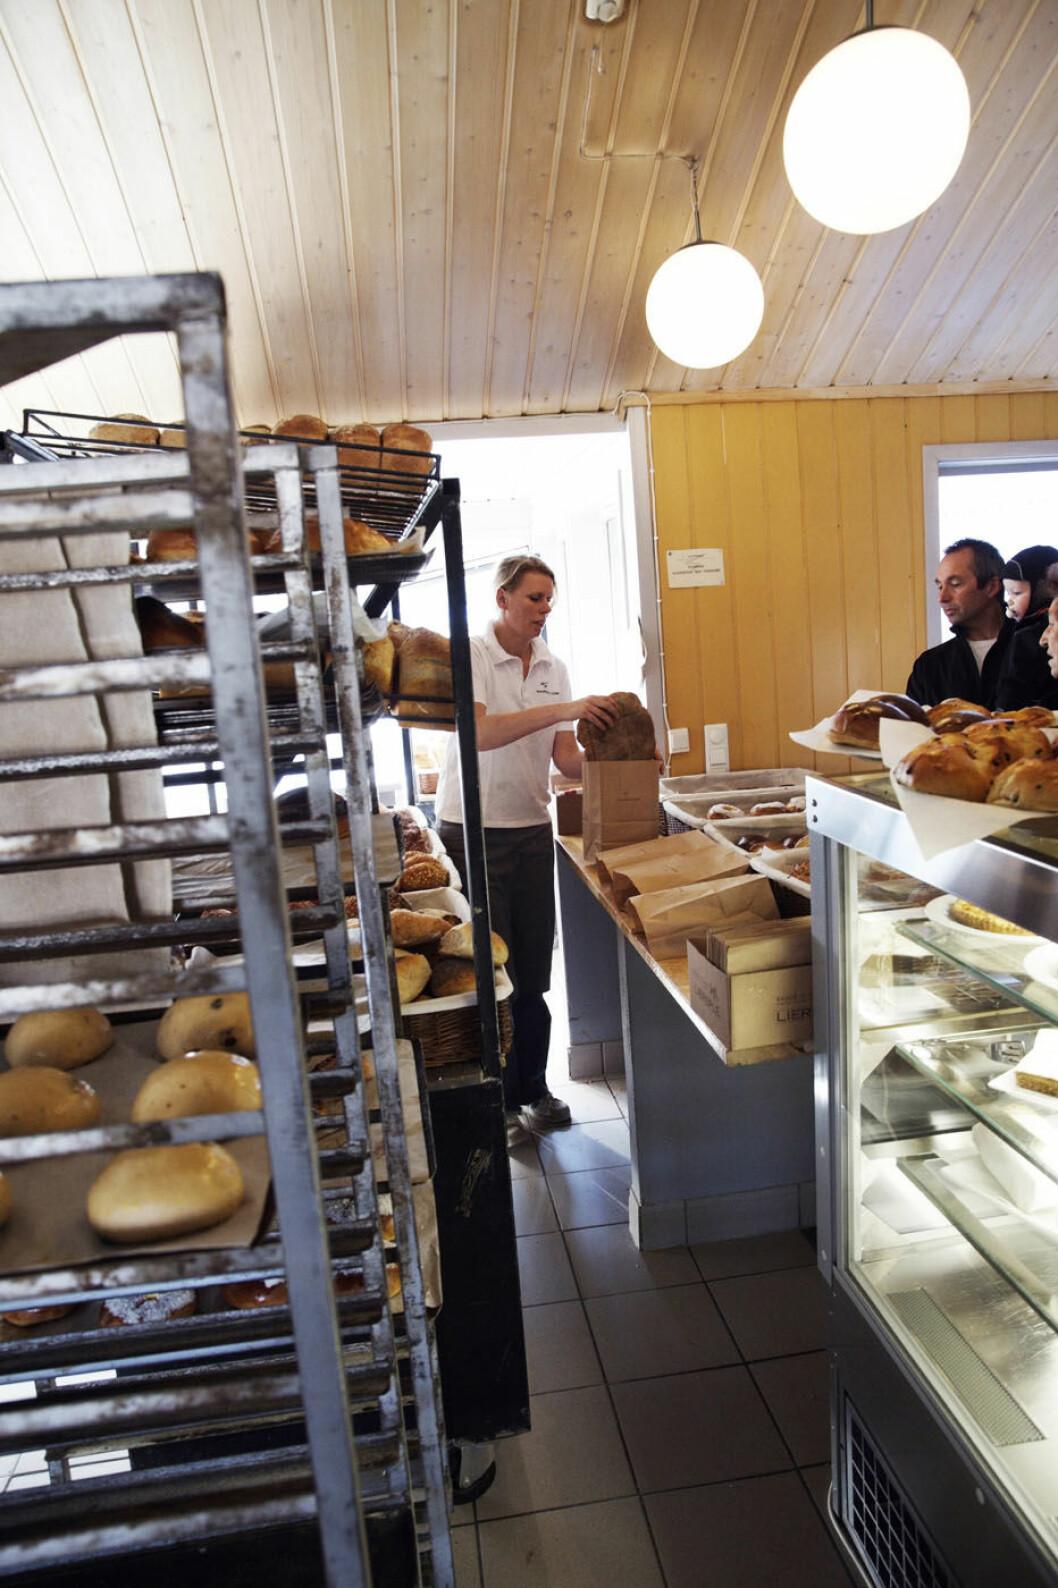 TRIVELIG: Bakeriet i Lom har lyse og trivelige lokaler, med selve bakeriet midt i herligheten. Foto: Pål Rødal